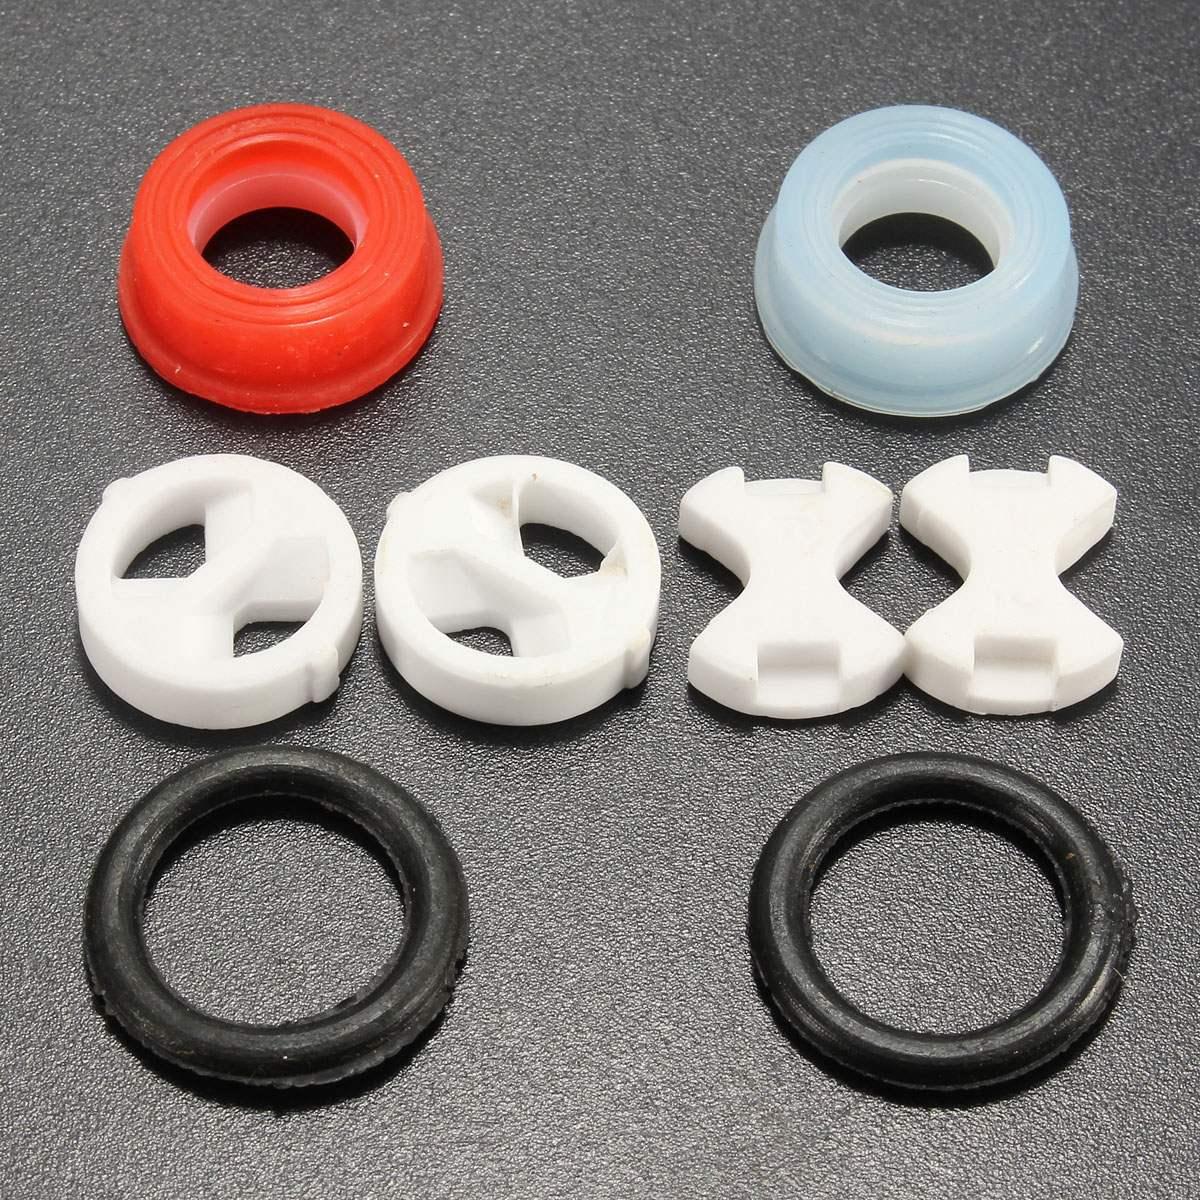 US $0.83 40% СКИДКА|8 шт. керамический диск силиконовая шайба Замена поворота 1/2